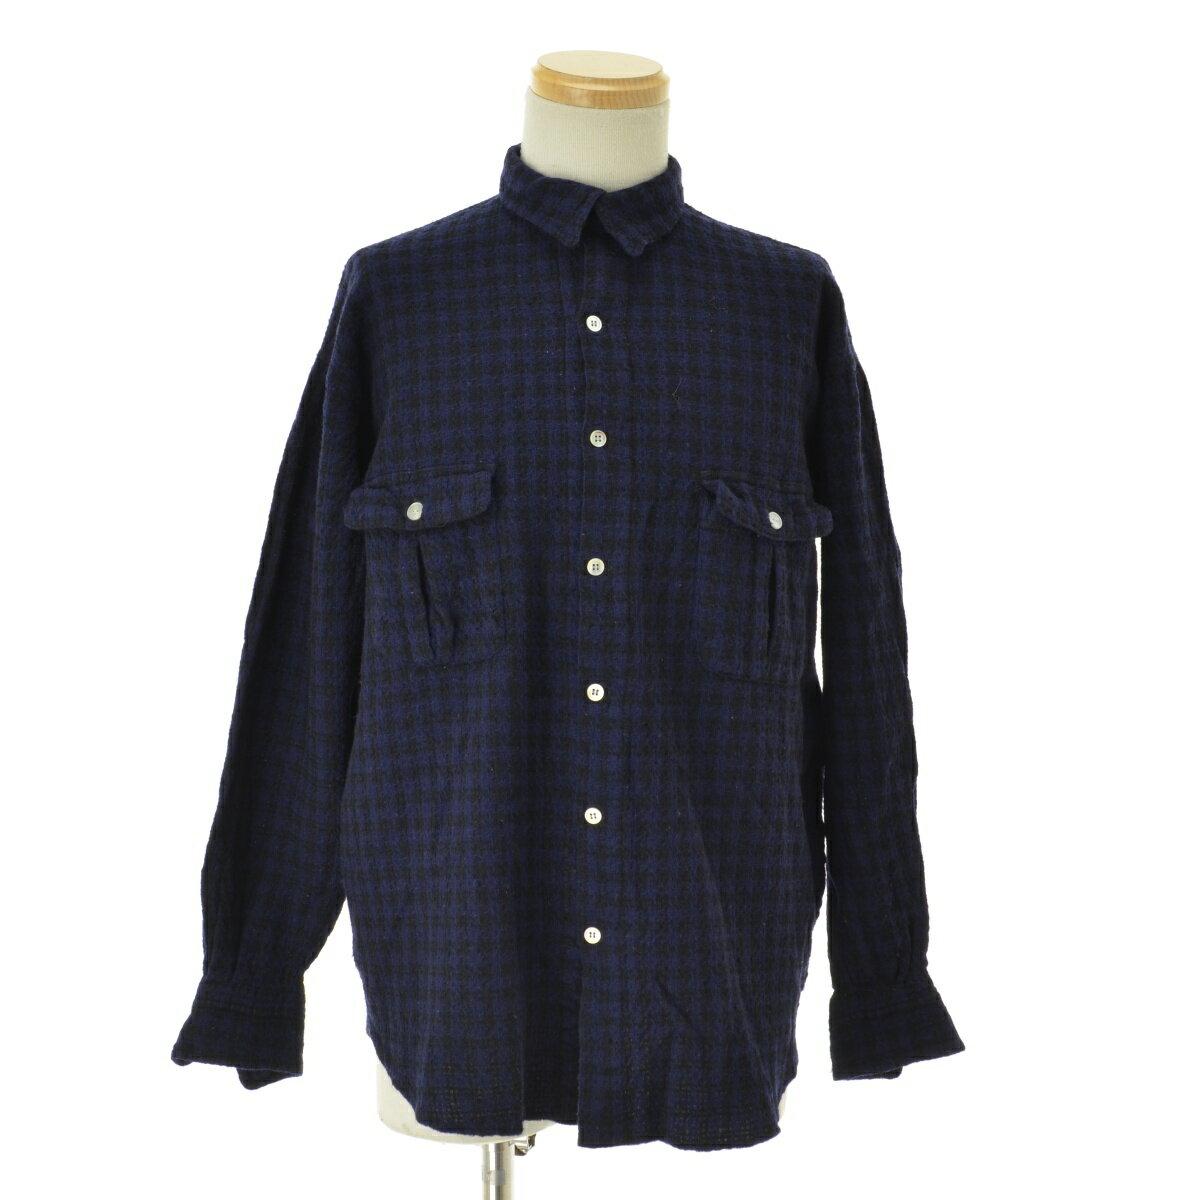 トップス, カジュアルシャツ YS FOR MEN 80s cacbadbd-m